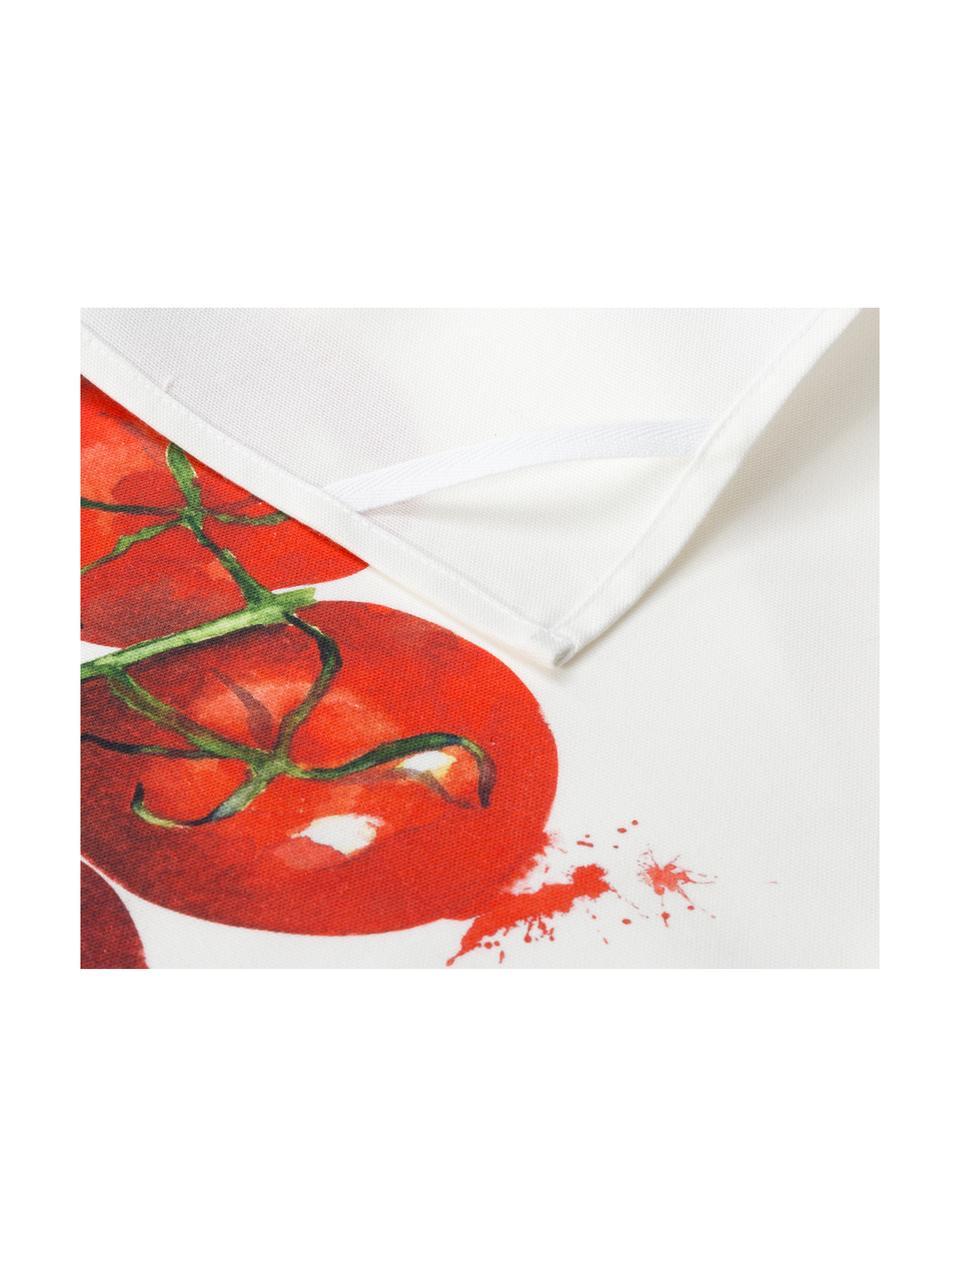 Baumwoll-Geschirrtücher-Set Marchè, 3-tlg., Weiß, Grün, Rot, 50 x 70 cm